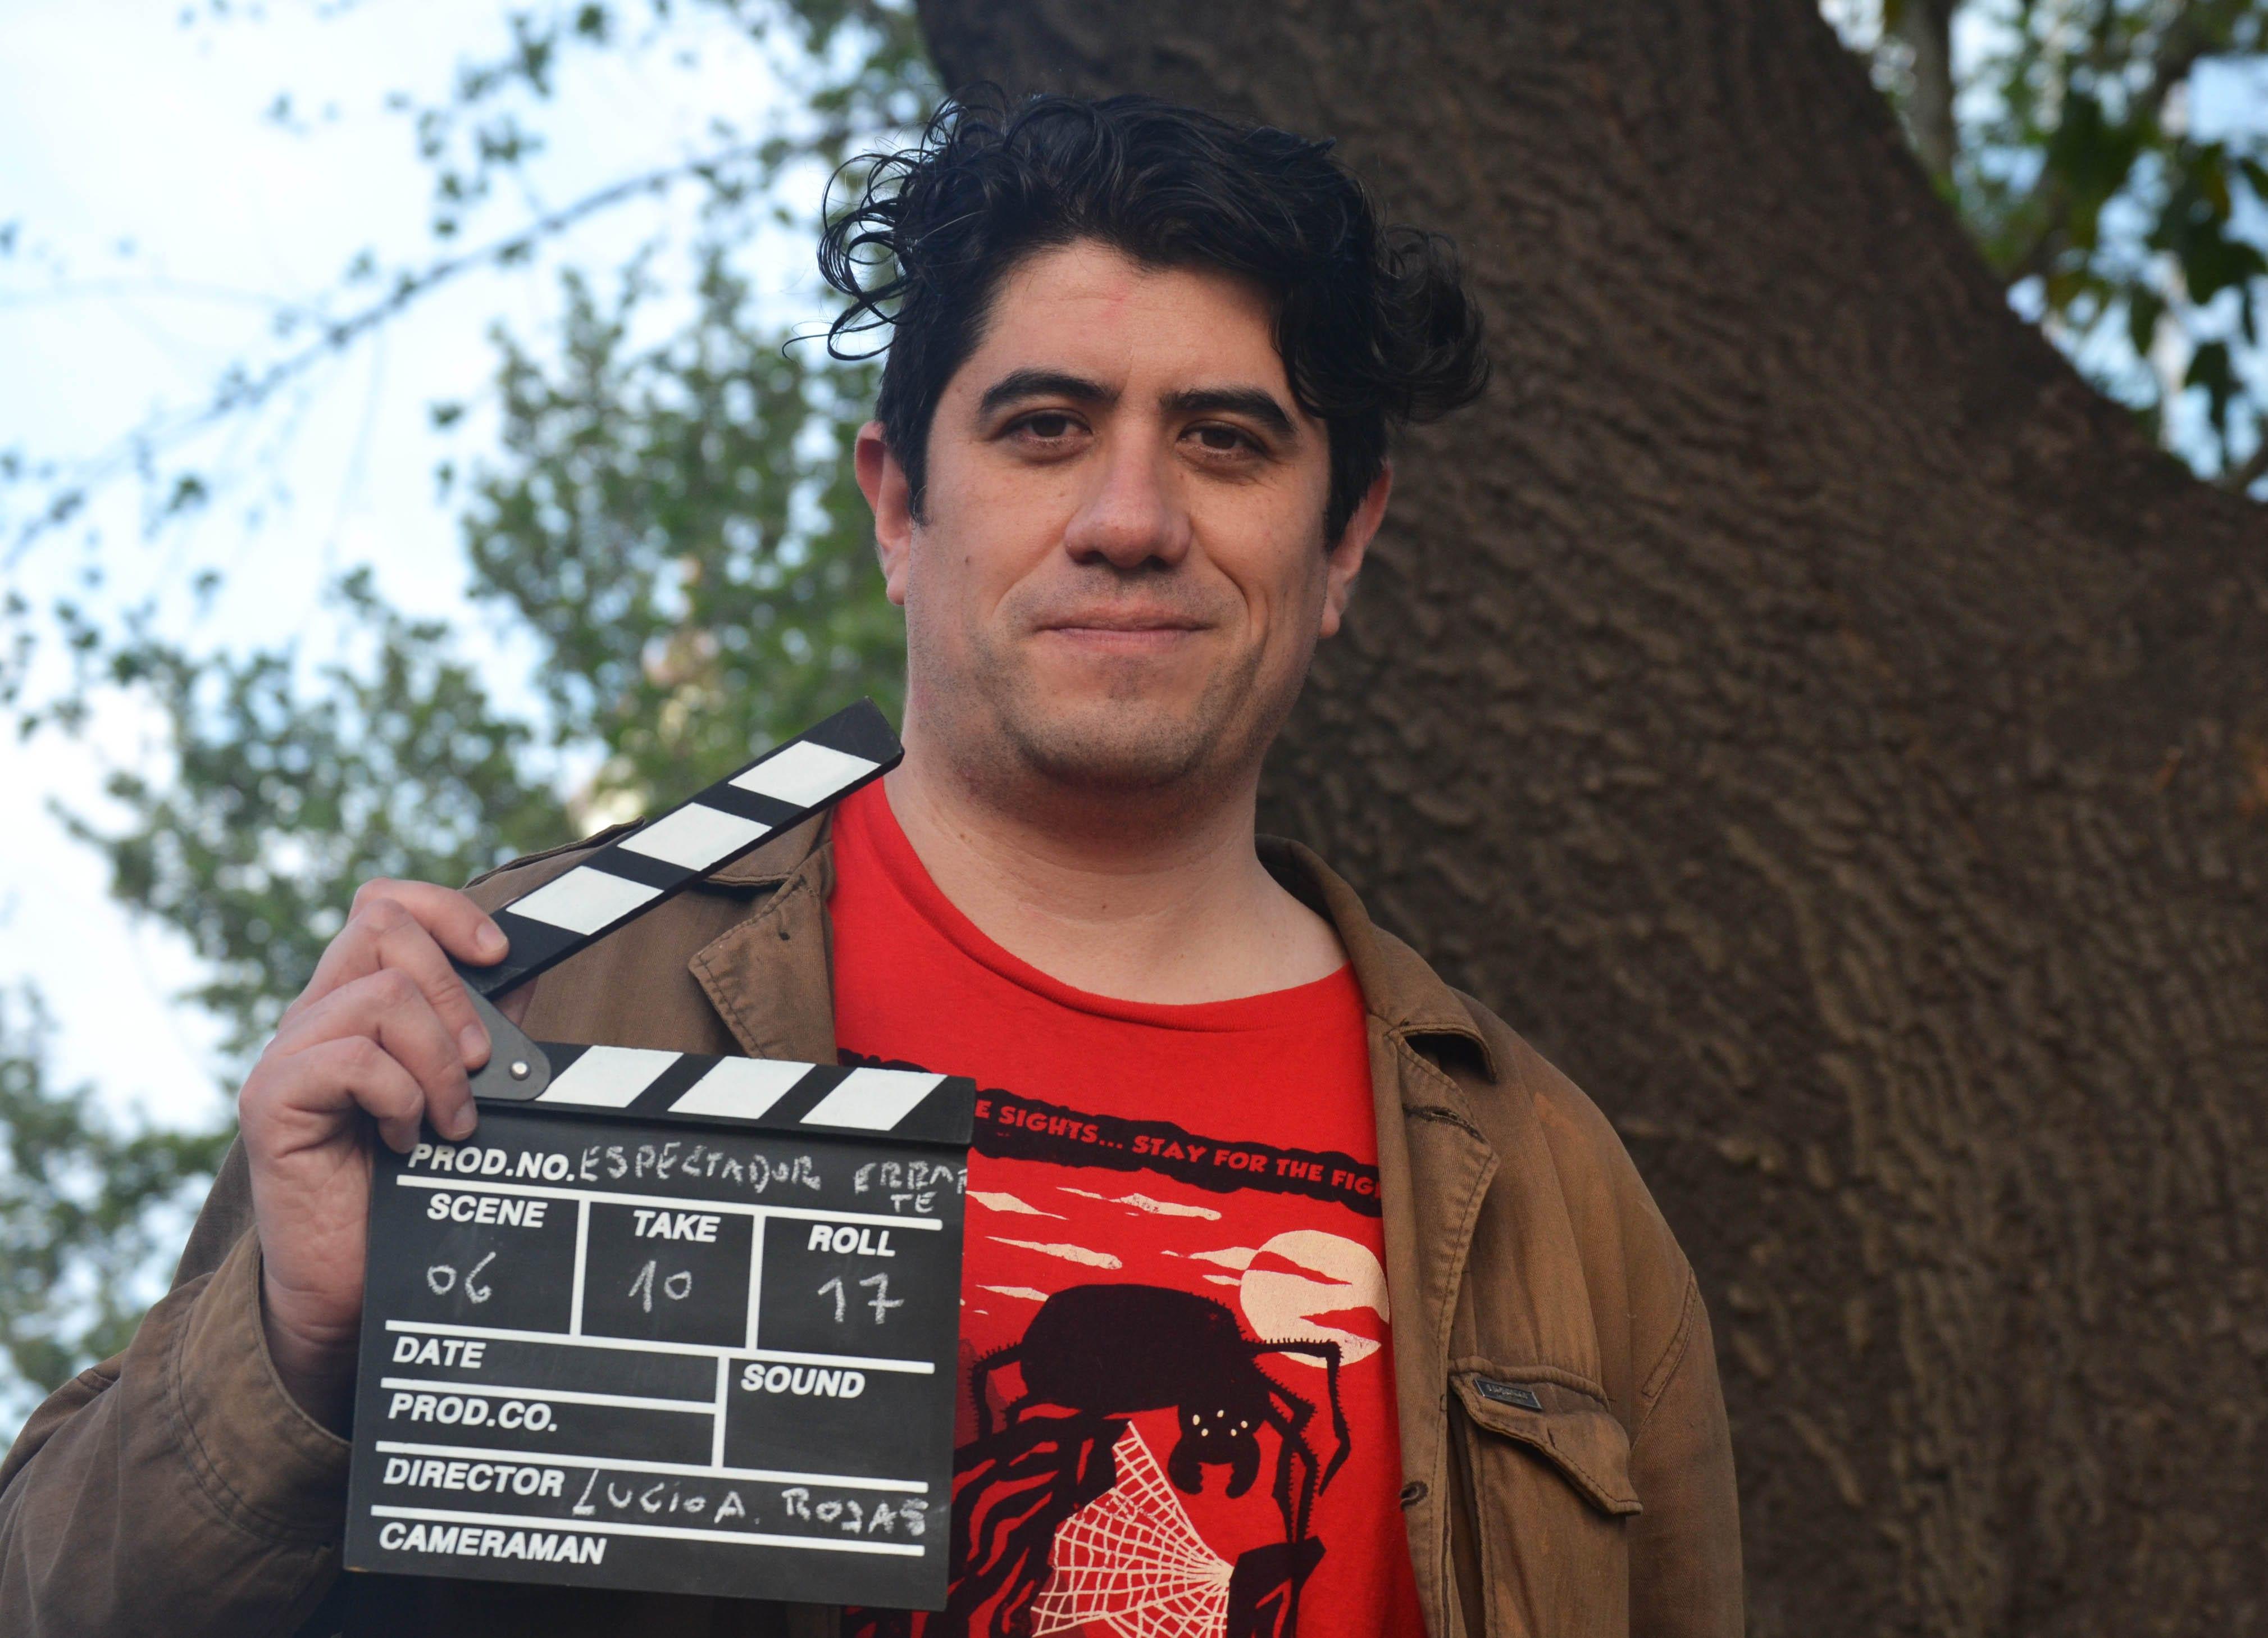 Lucio A Rojas